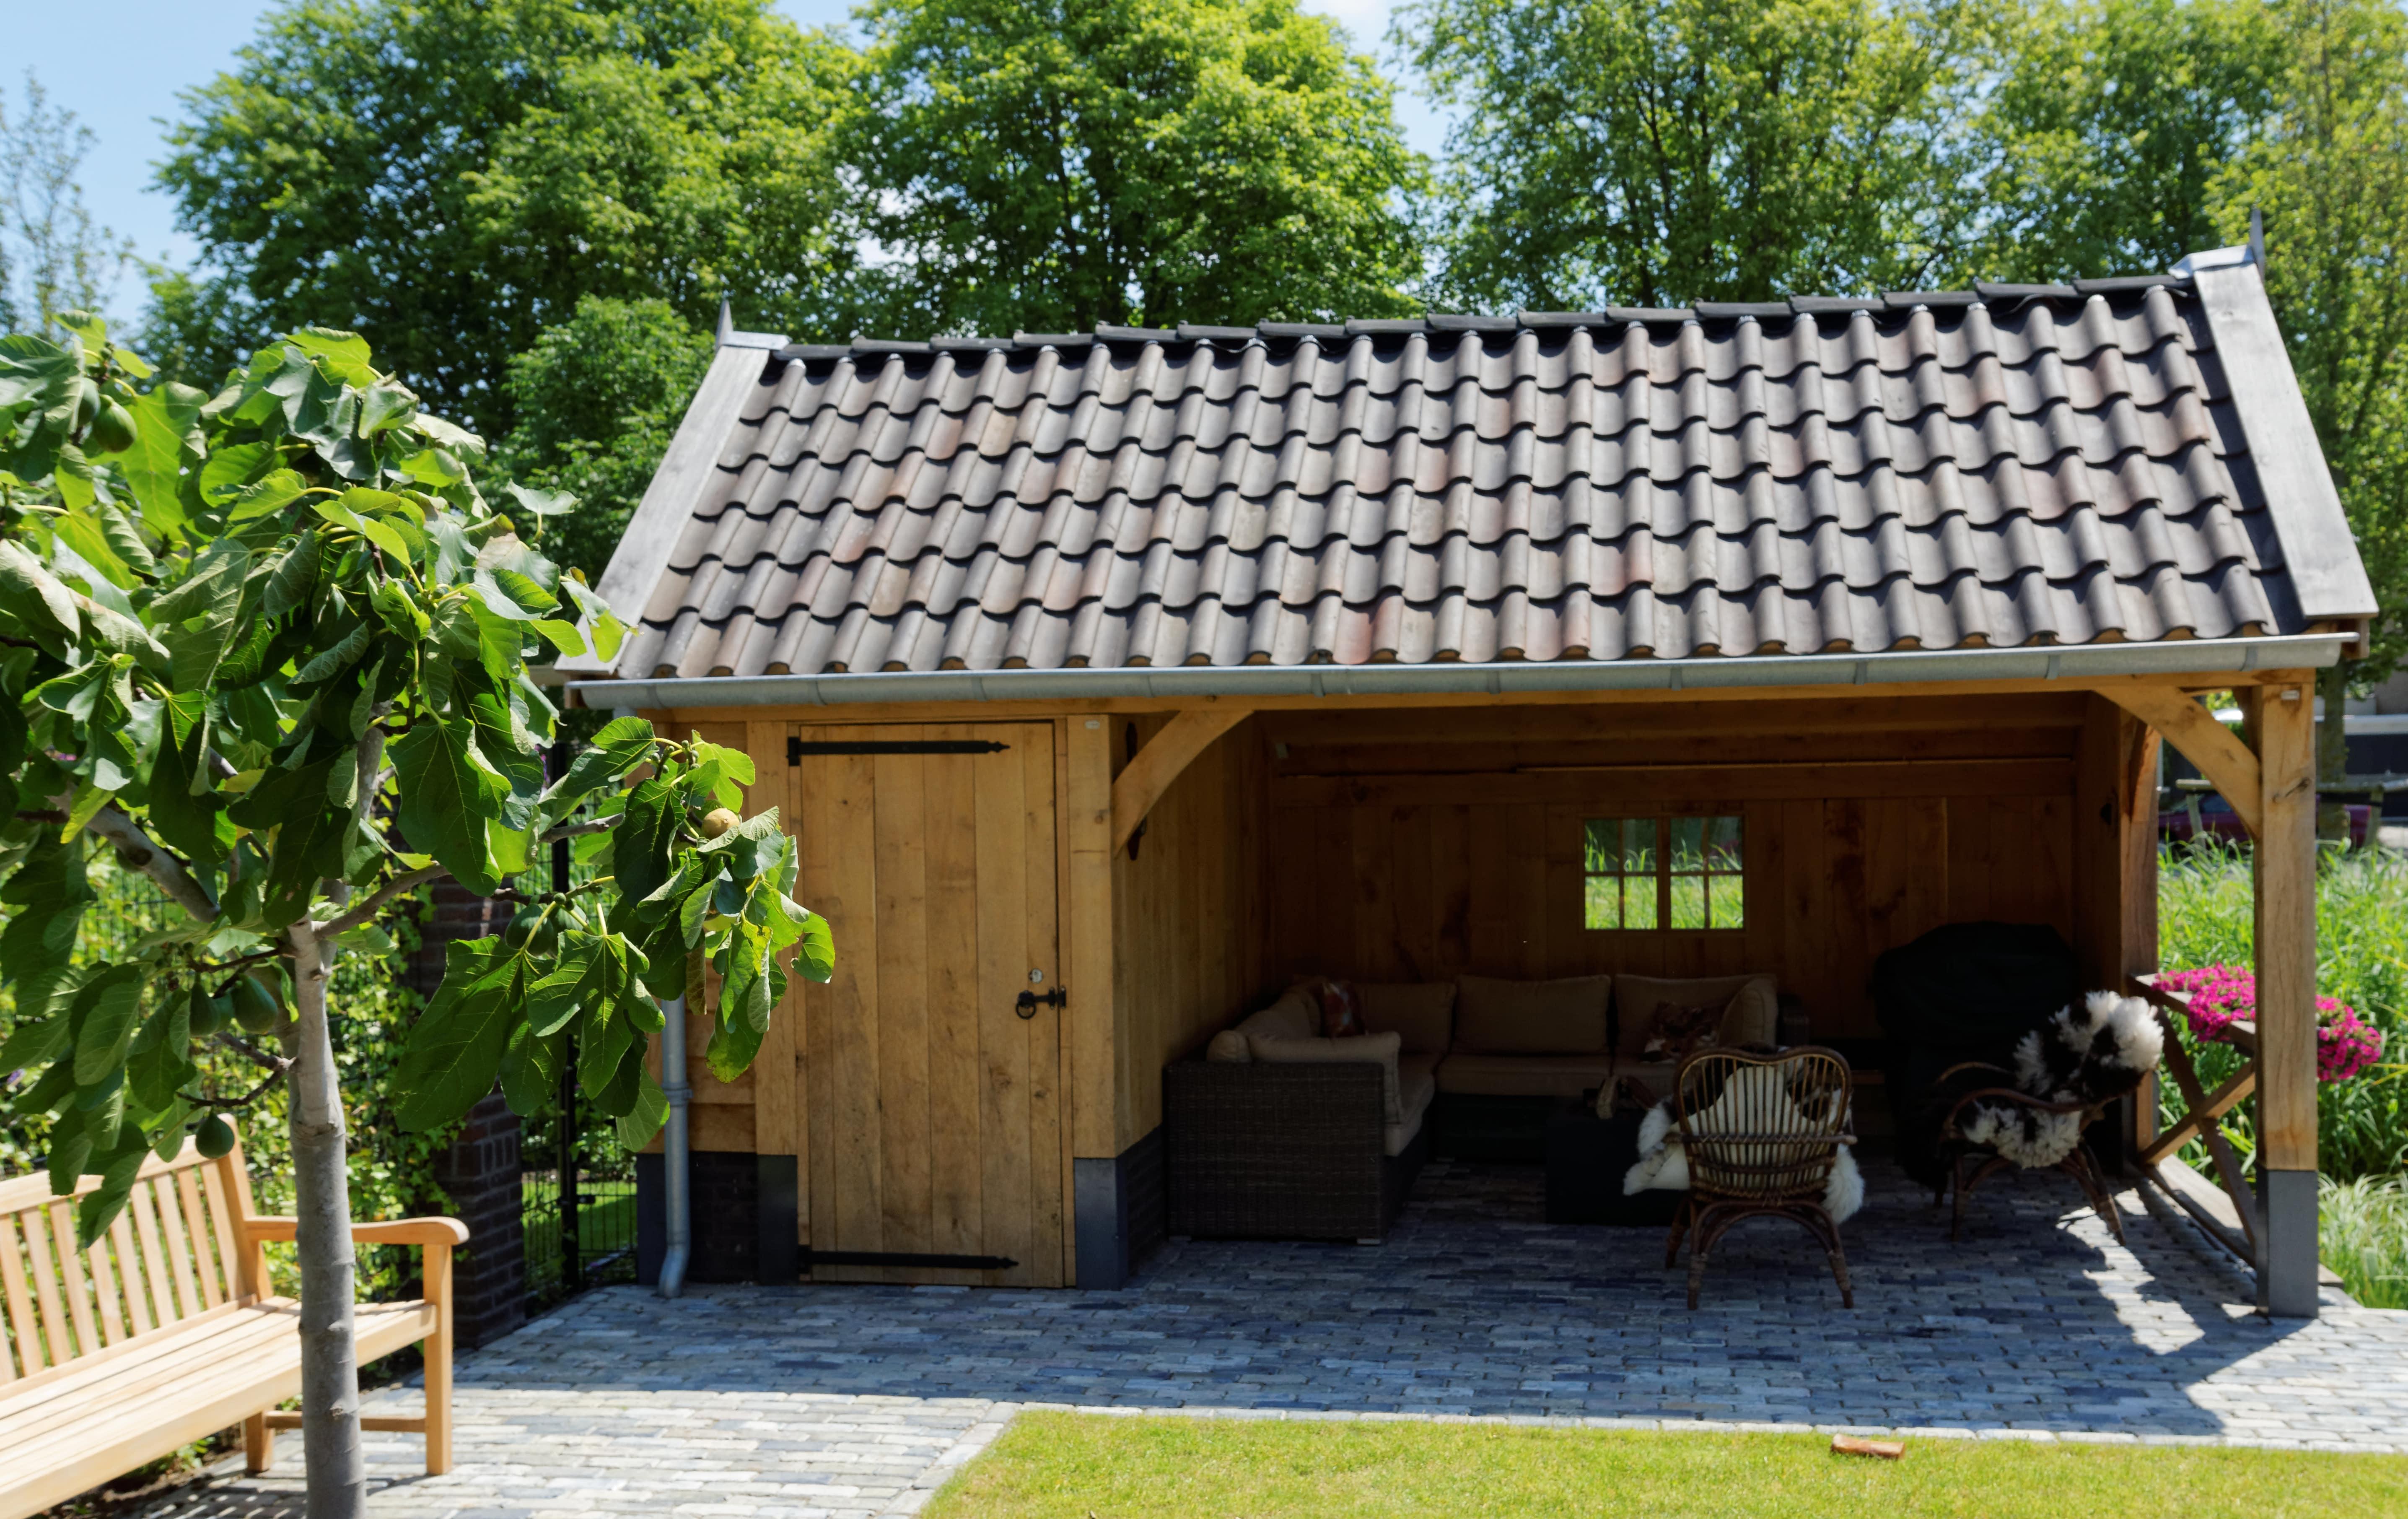 houten-kapschuur-met-tuinkamer-10-min - Project: Maassluis